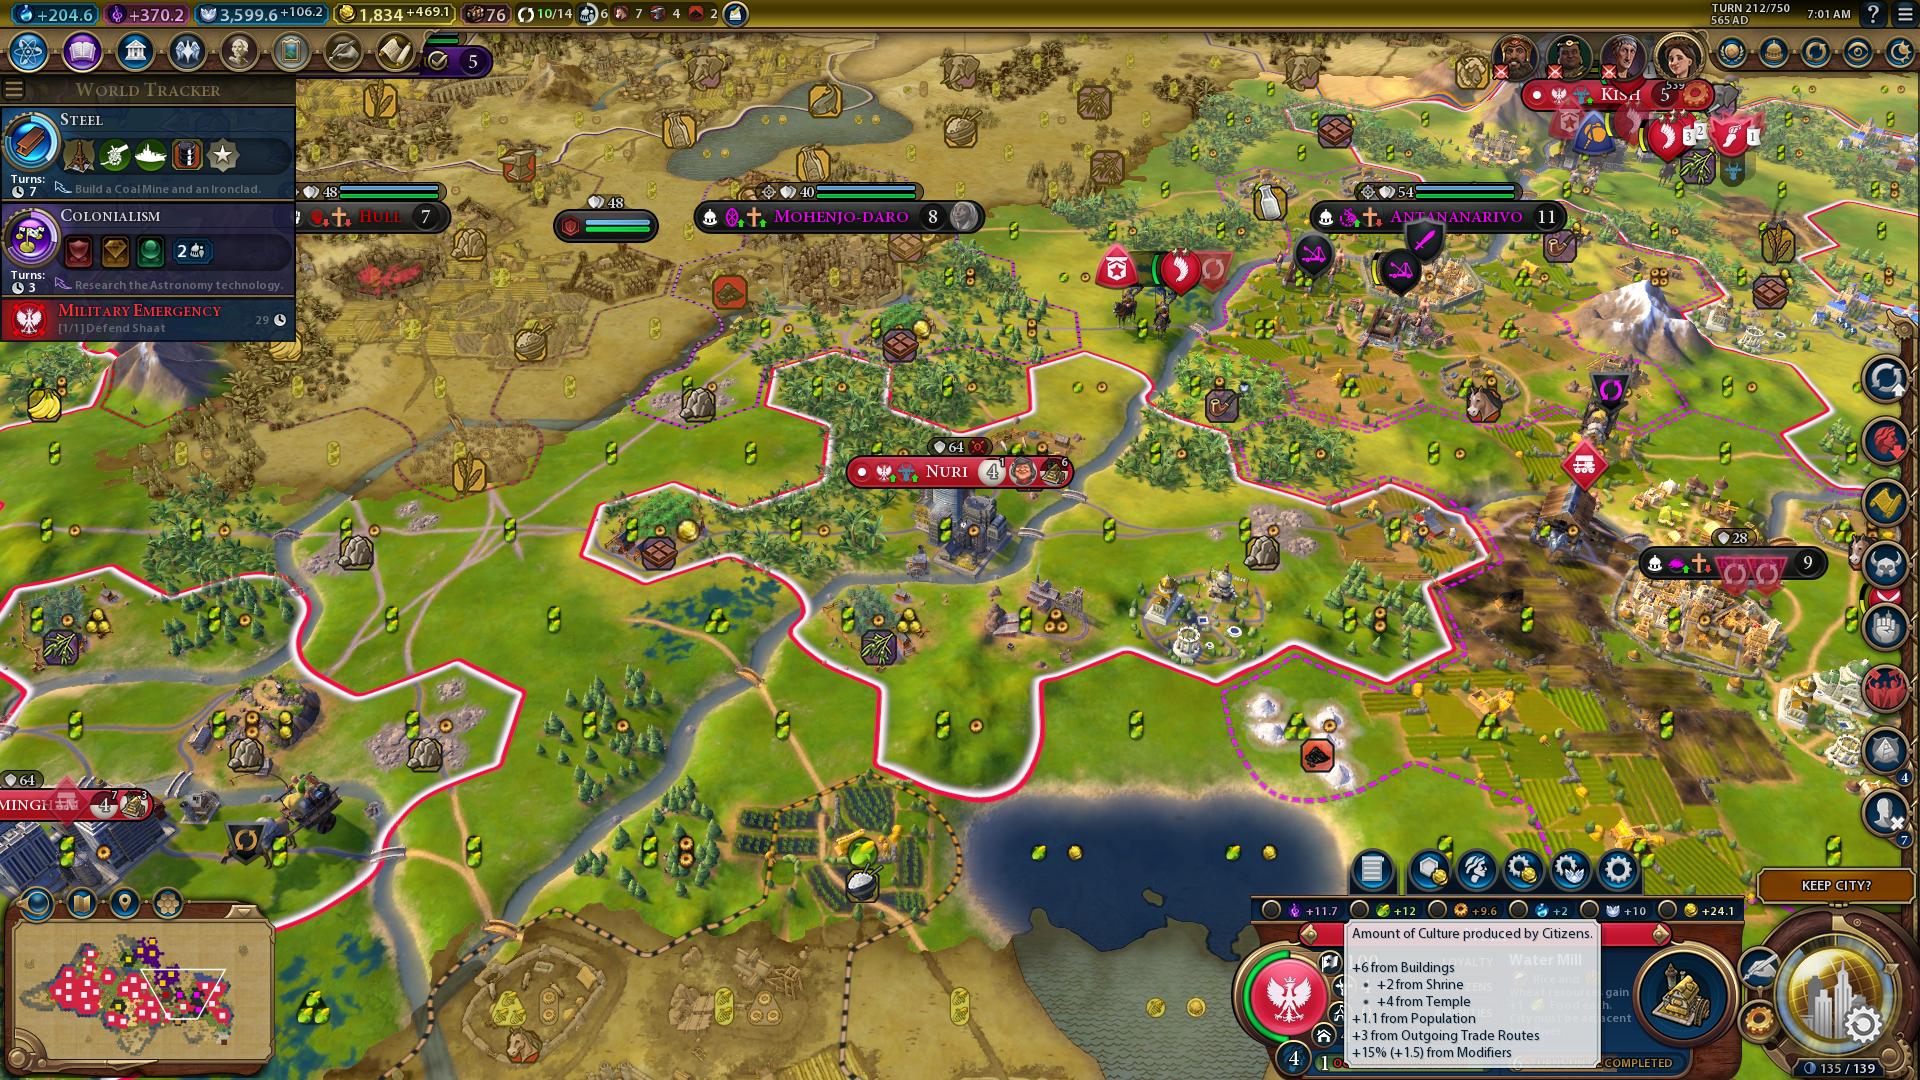 Sid Meier's Civilization VI (DX11) 8_23_2018 7_01_55 AM.png